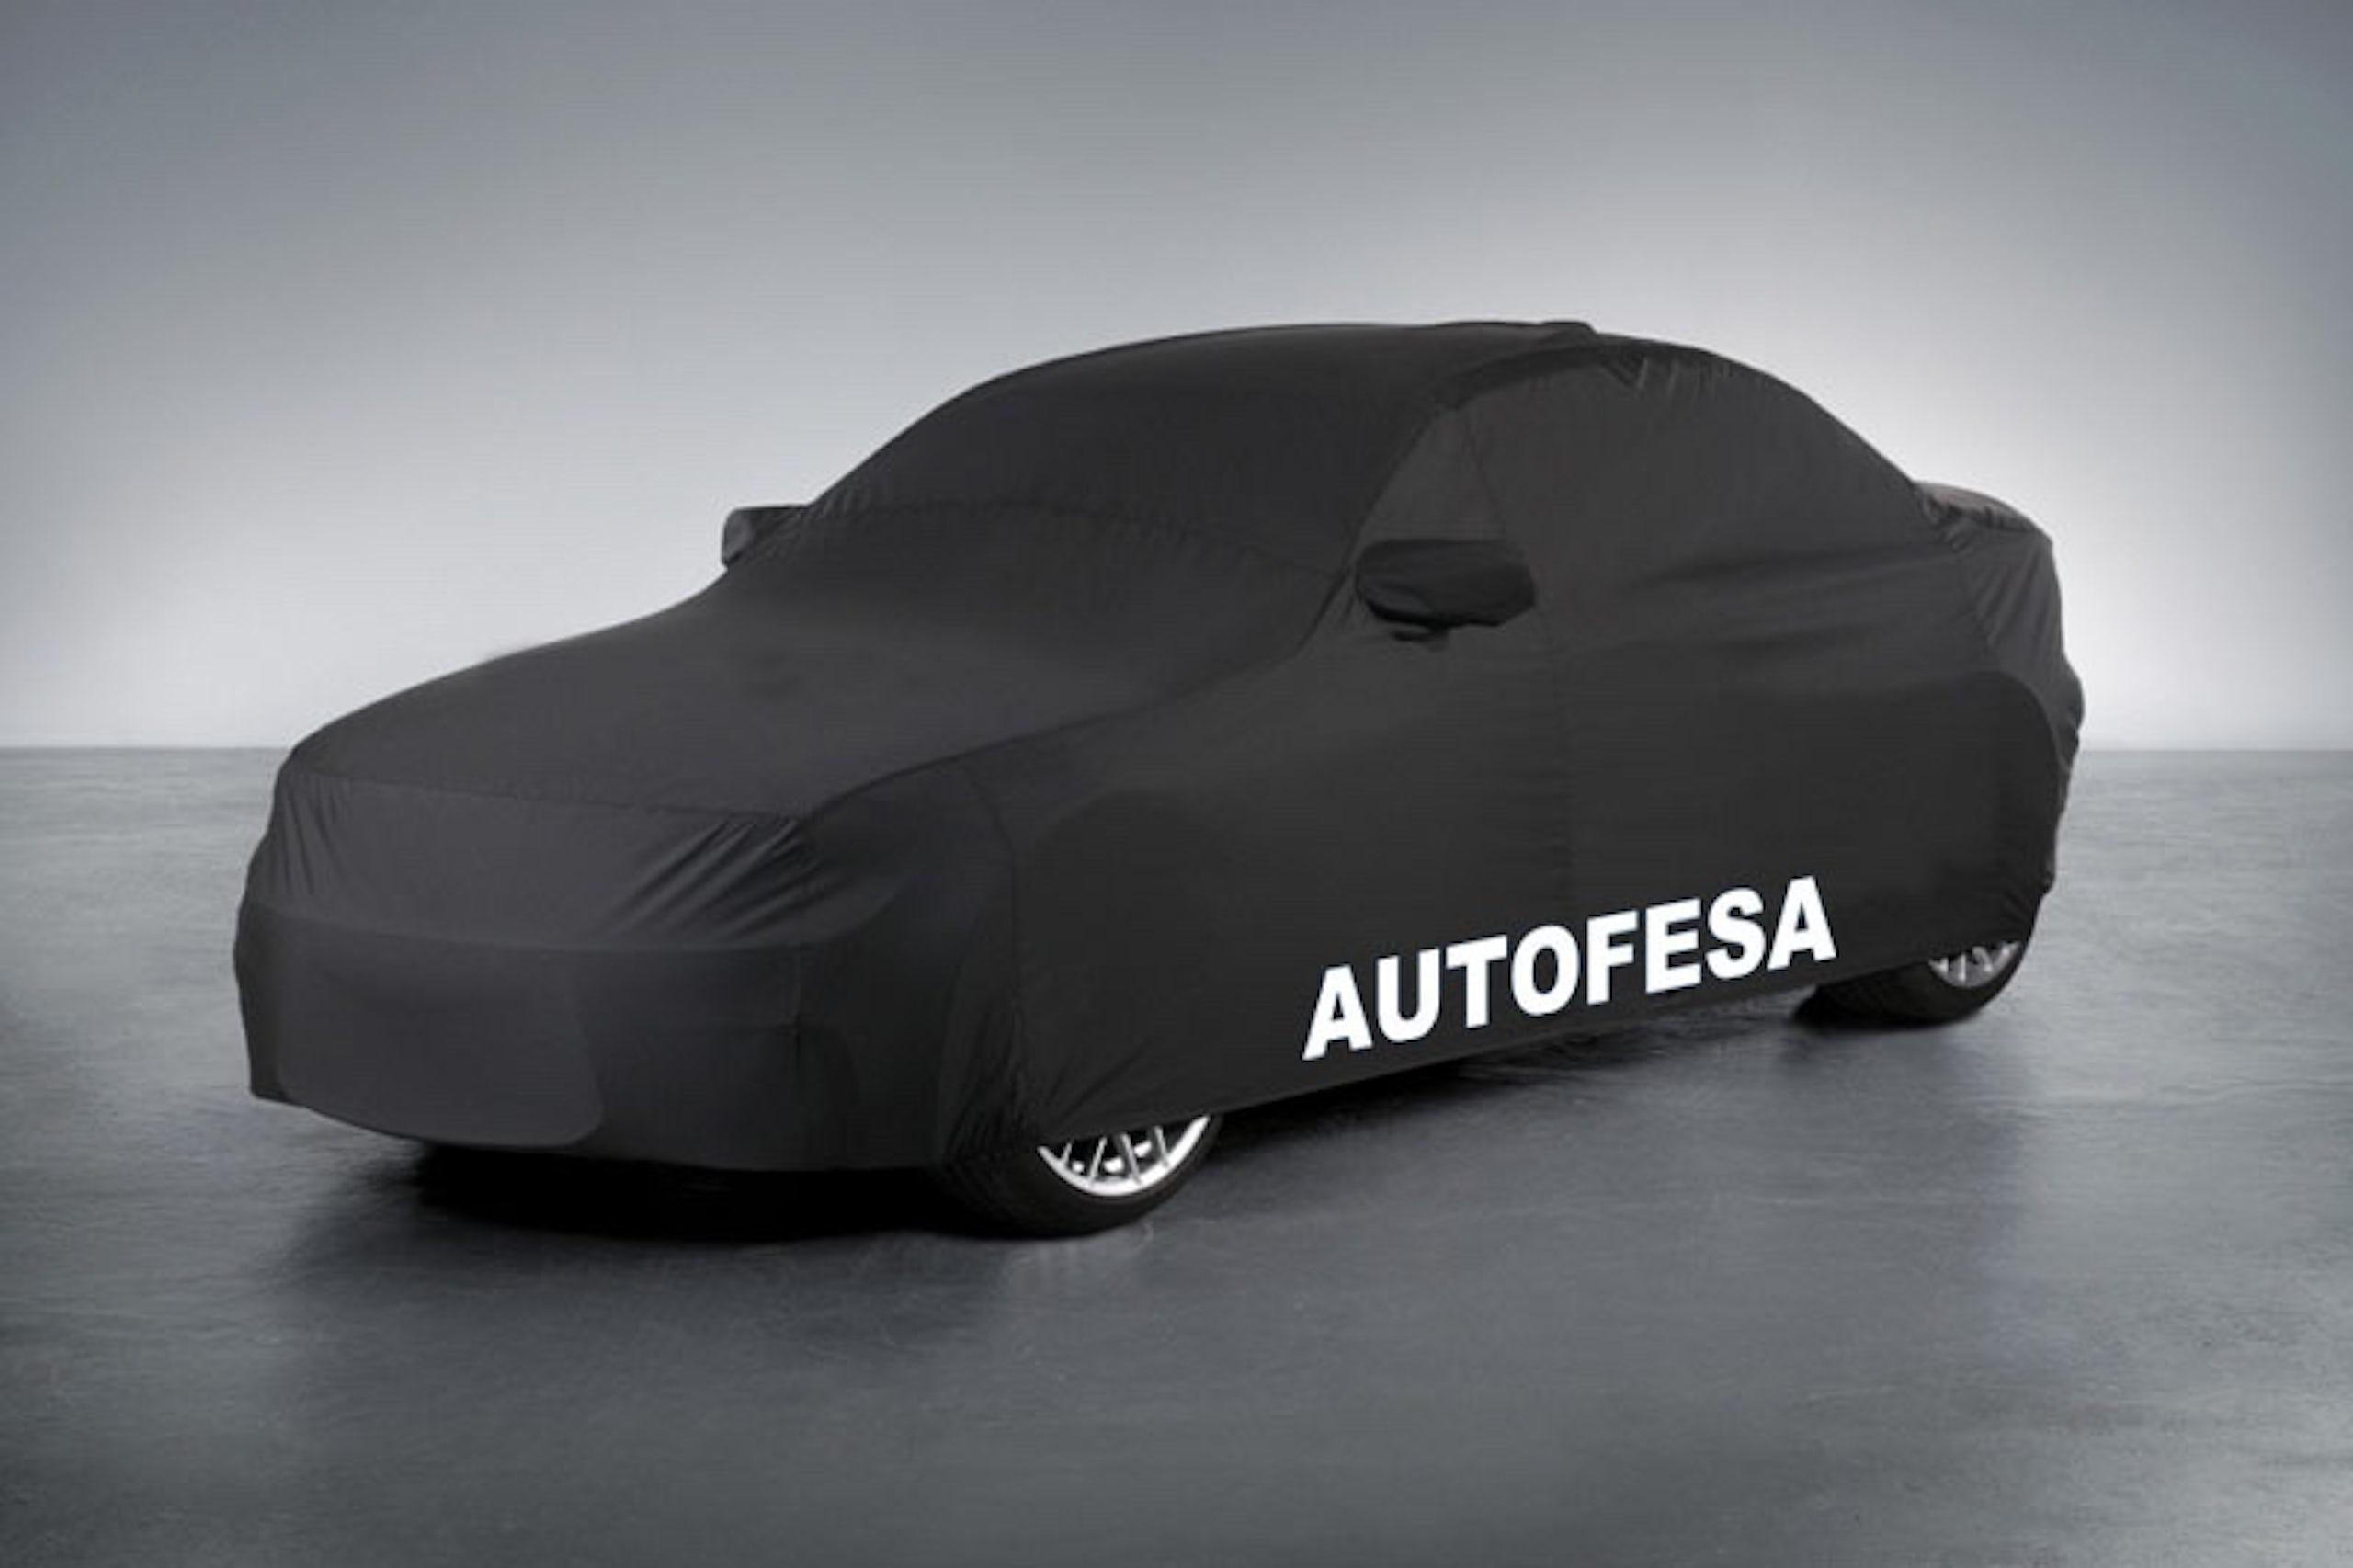 Fotos del Audi Q7 3.0 TFSI 333cv quattro 5p Auto 7Plz S/S Exterior 1